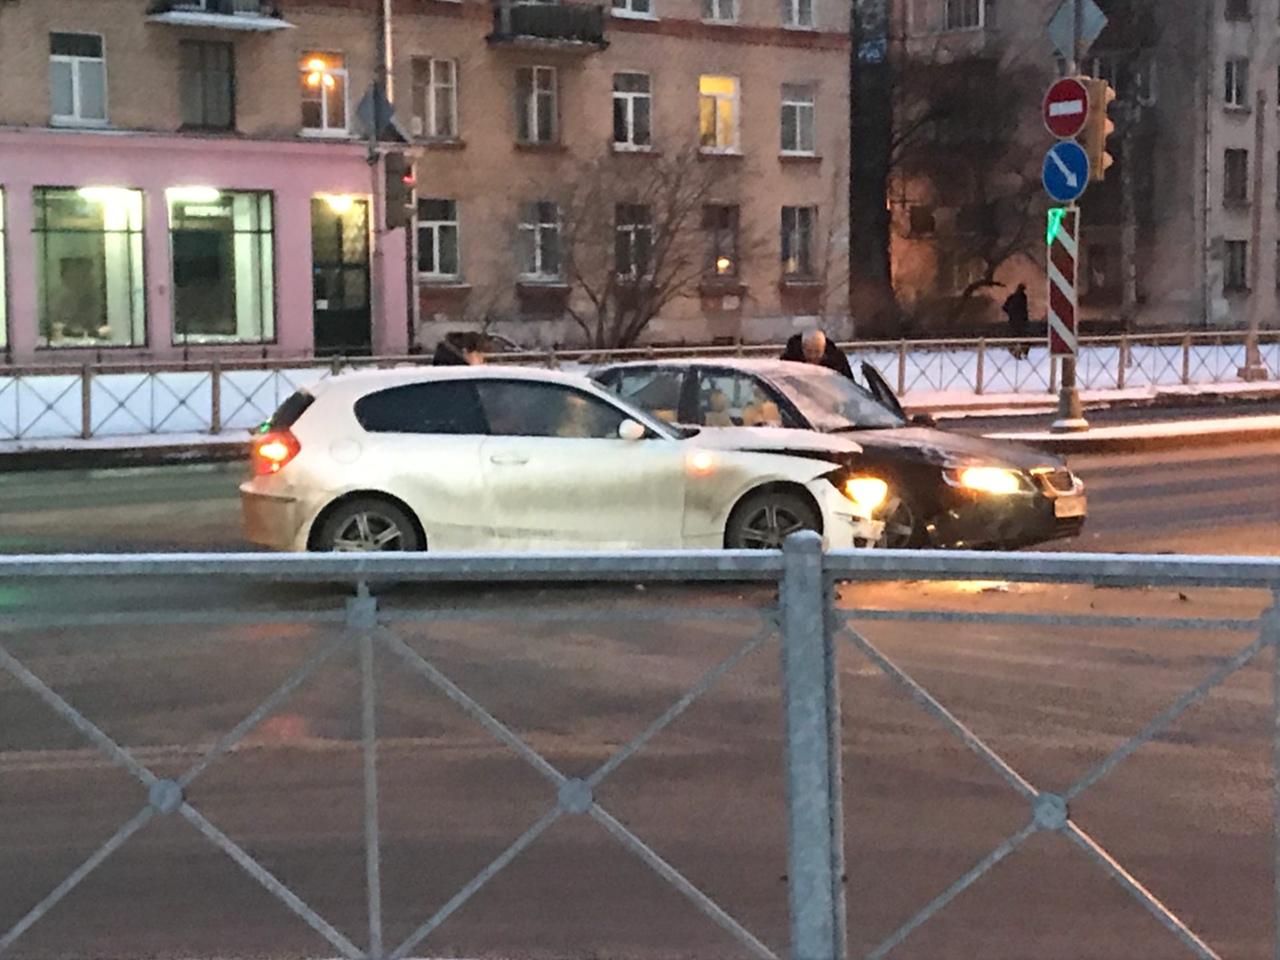 На перекрестке улицы Грибалёвой и Новолитовской. 06:35. Пожилой мужчина на Хонде решил что быстрее ...